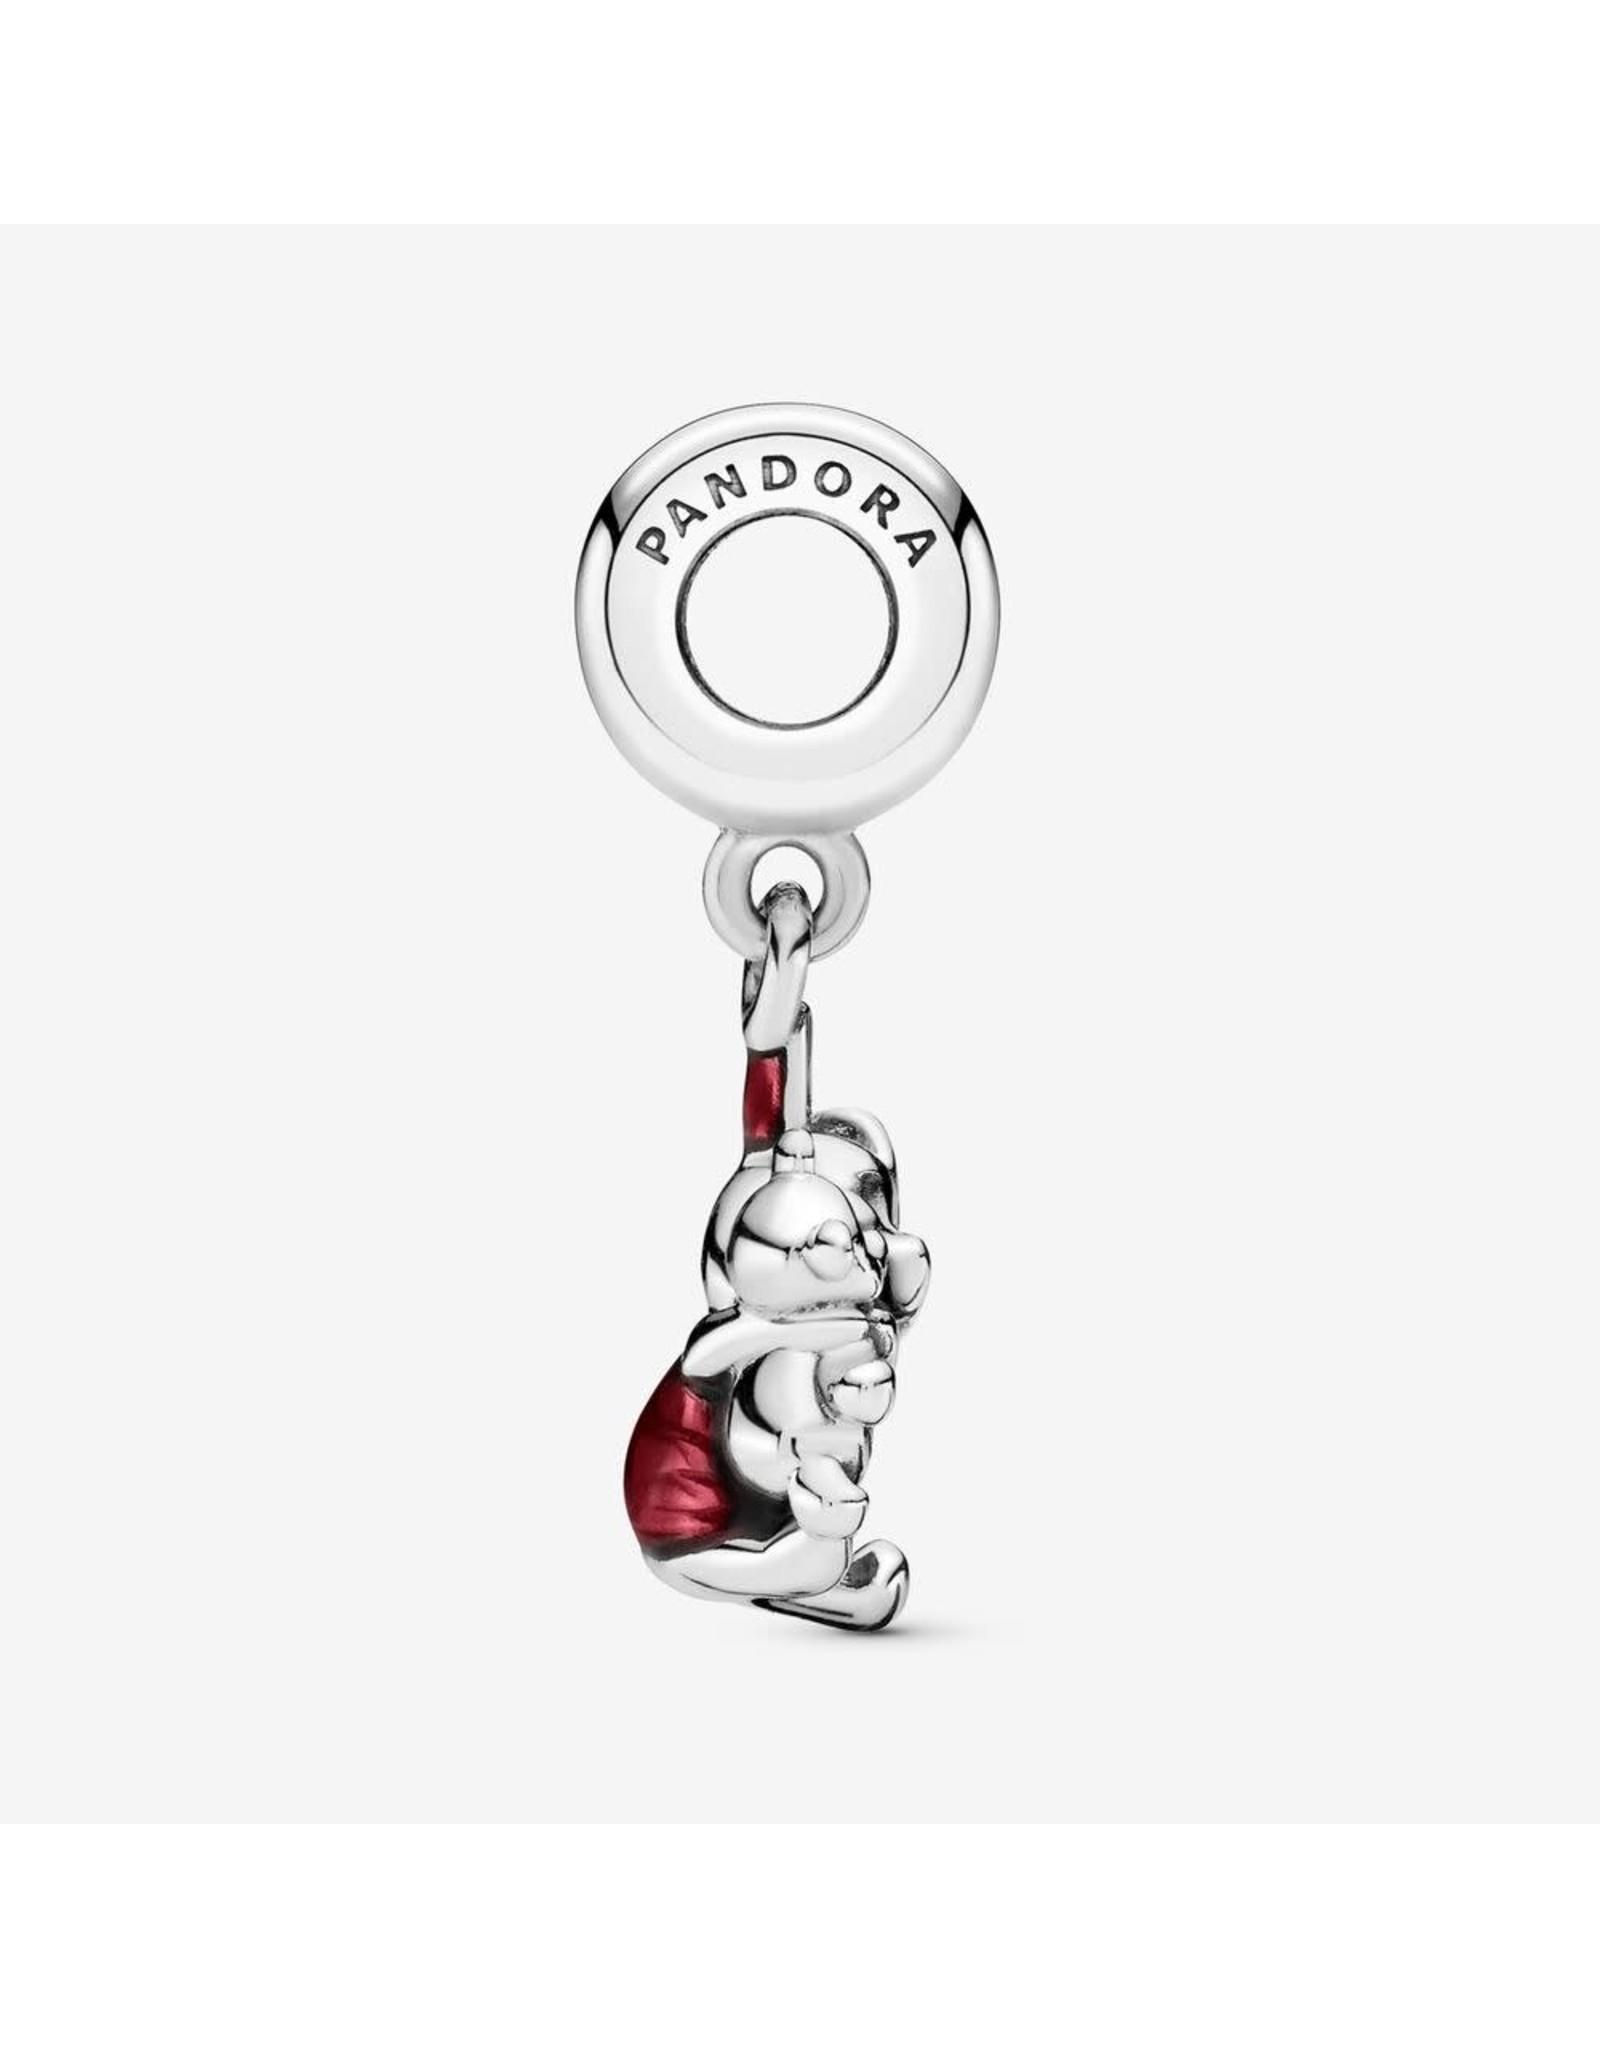 Pandora Pandora Charm, Disney, Piglet